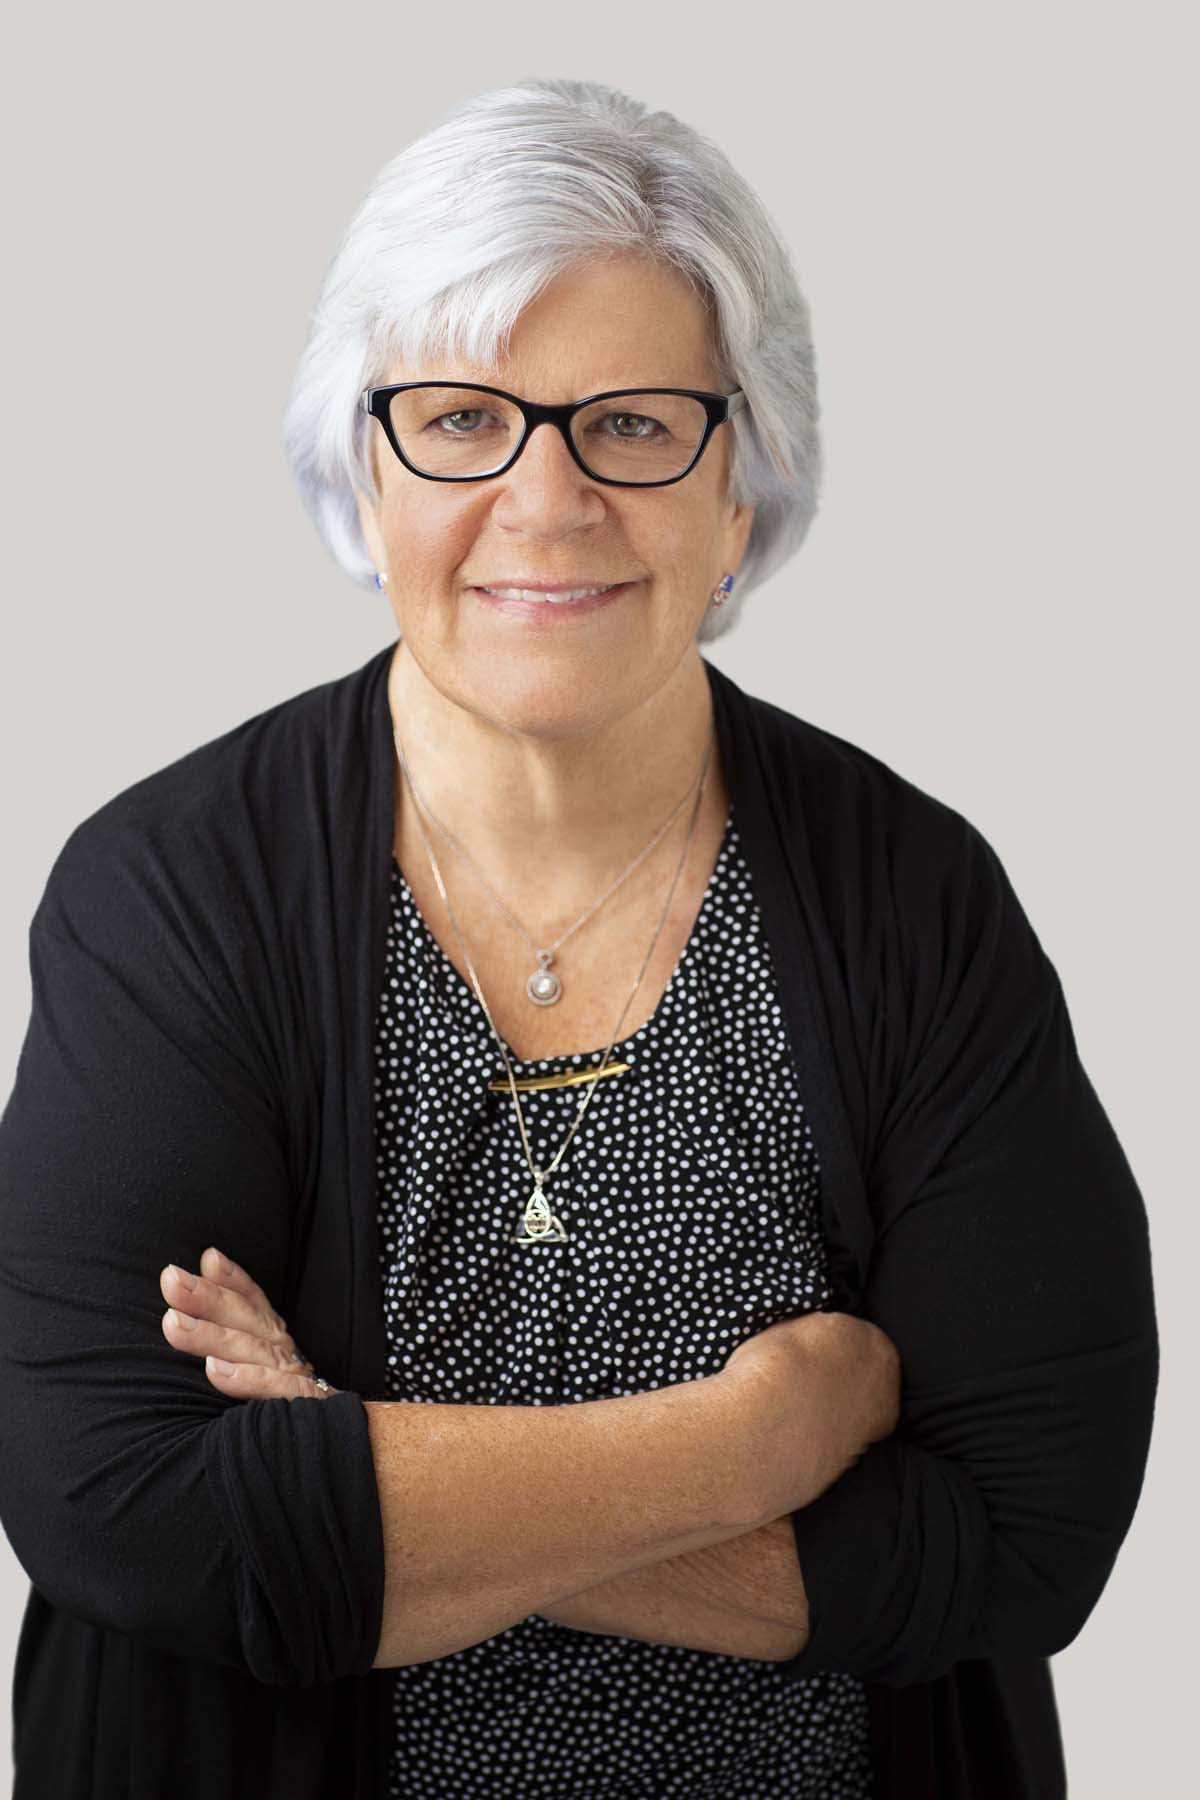 Nanette Mullaney